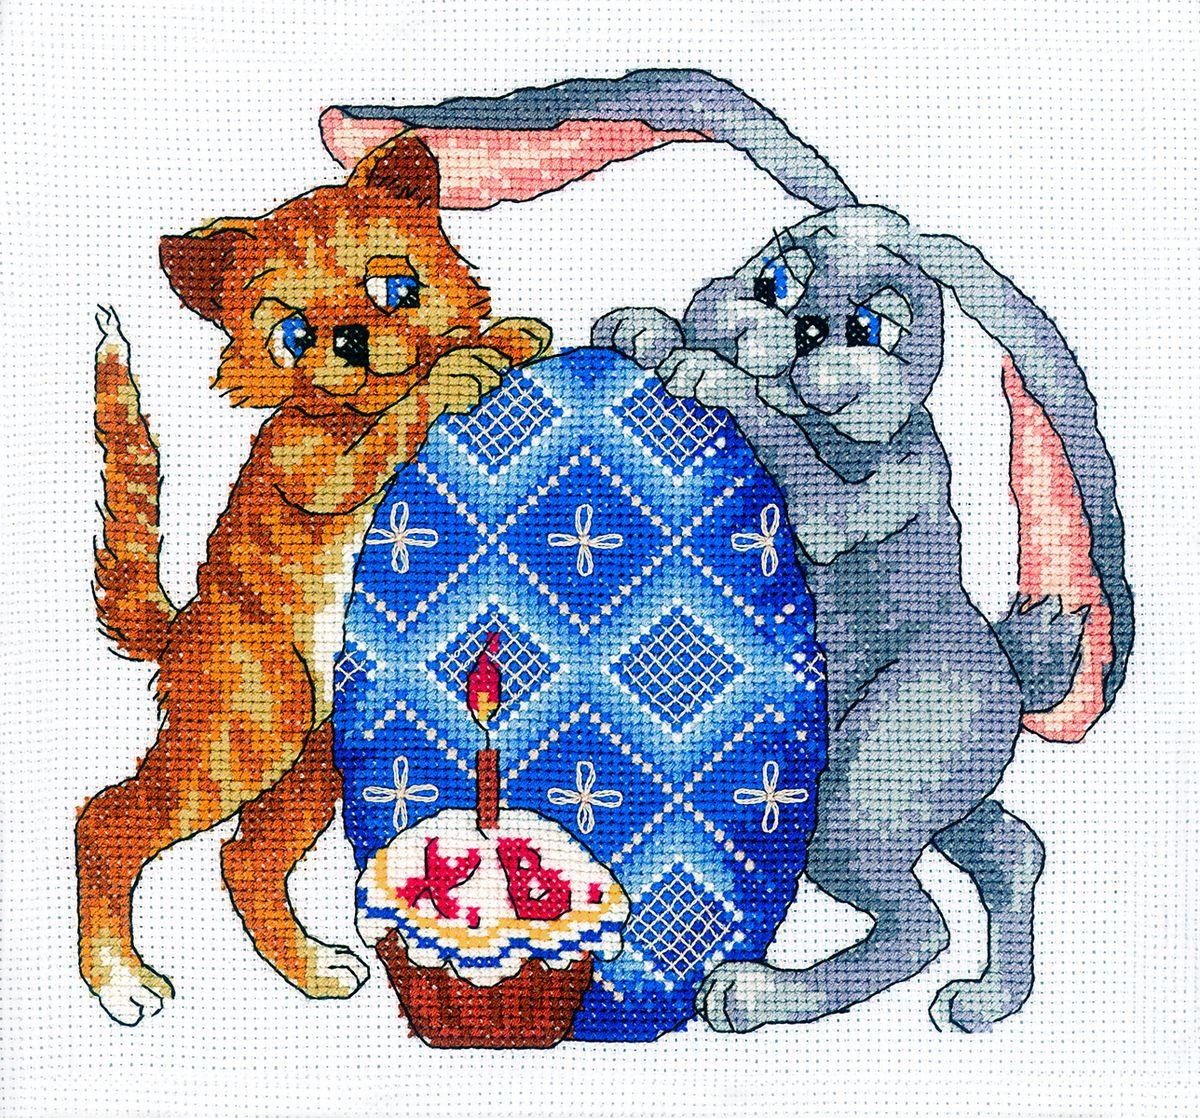 Набор для вышивания RTO Со Светлой Пасхой!, 20 см х 20 см. M246M246Мулине на карте, разобранное по цветам, канва, символьная схема, игла, инструкция